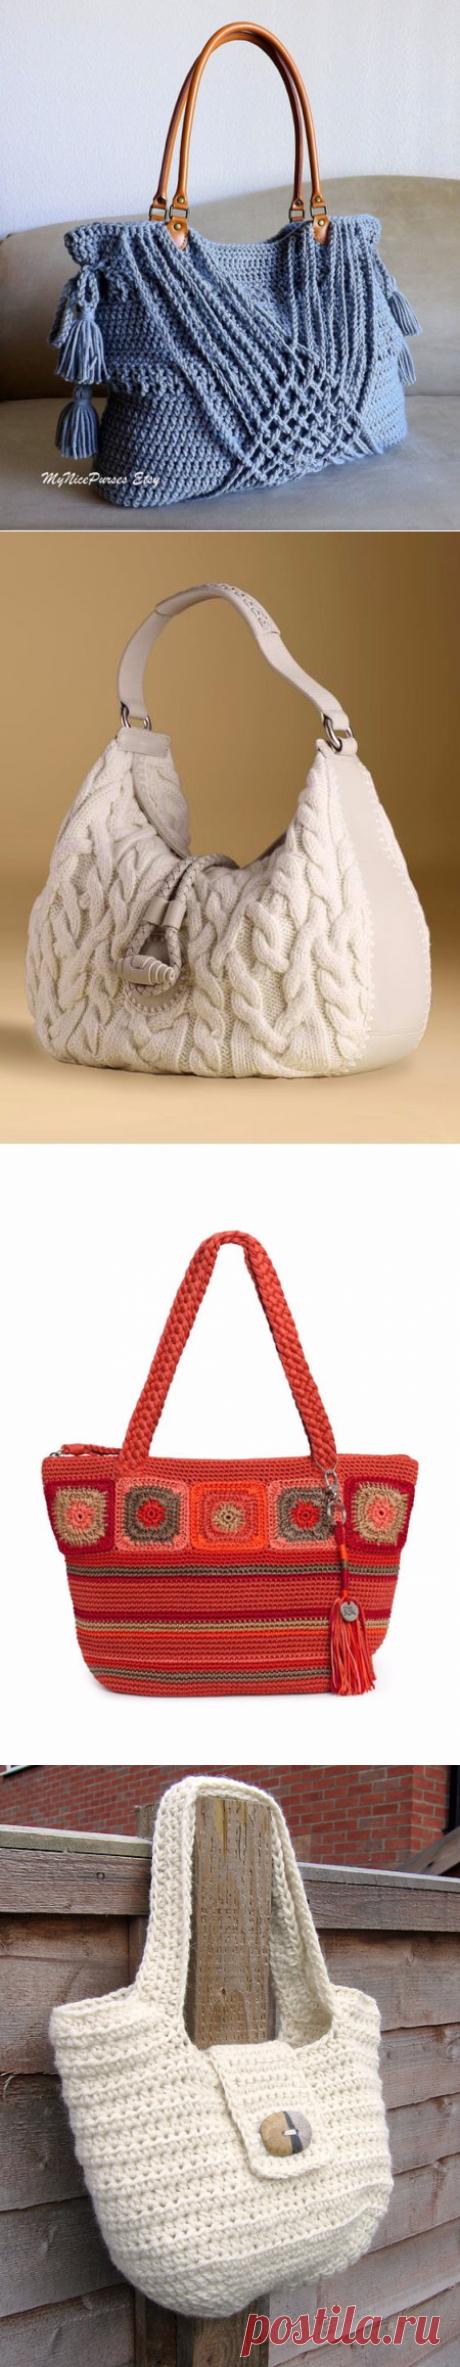 Сумочки. Вязание